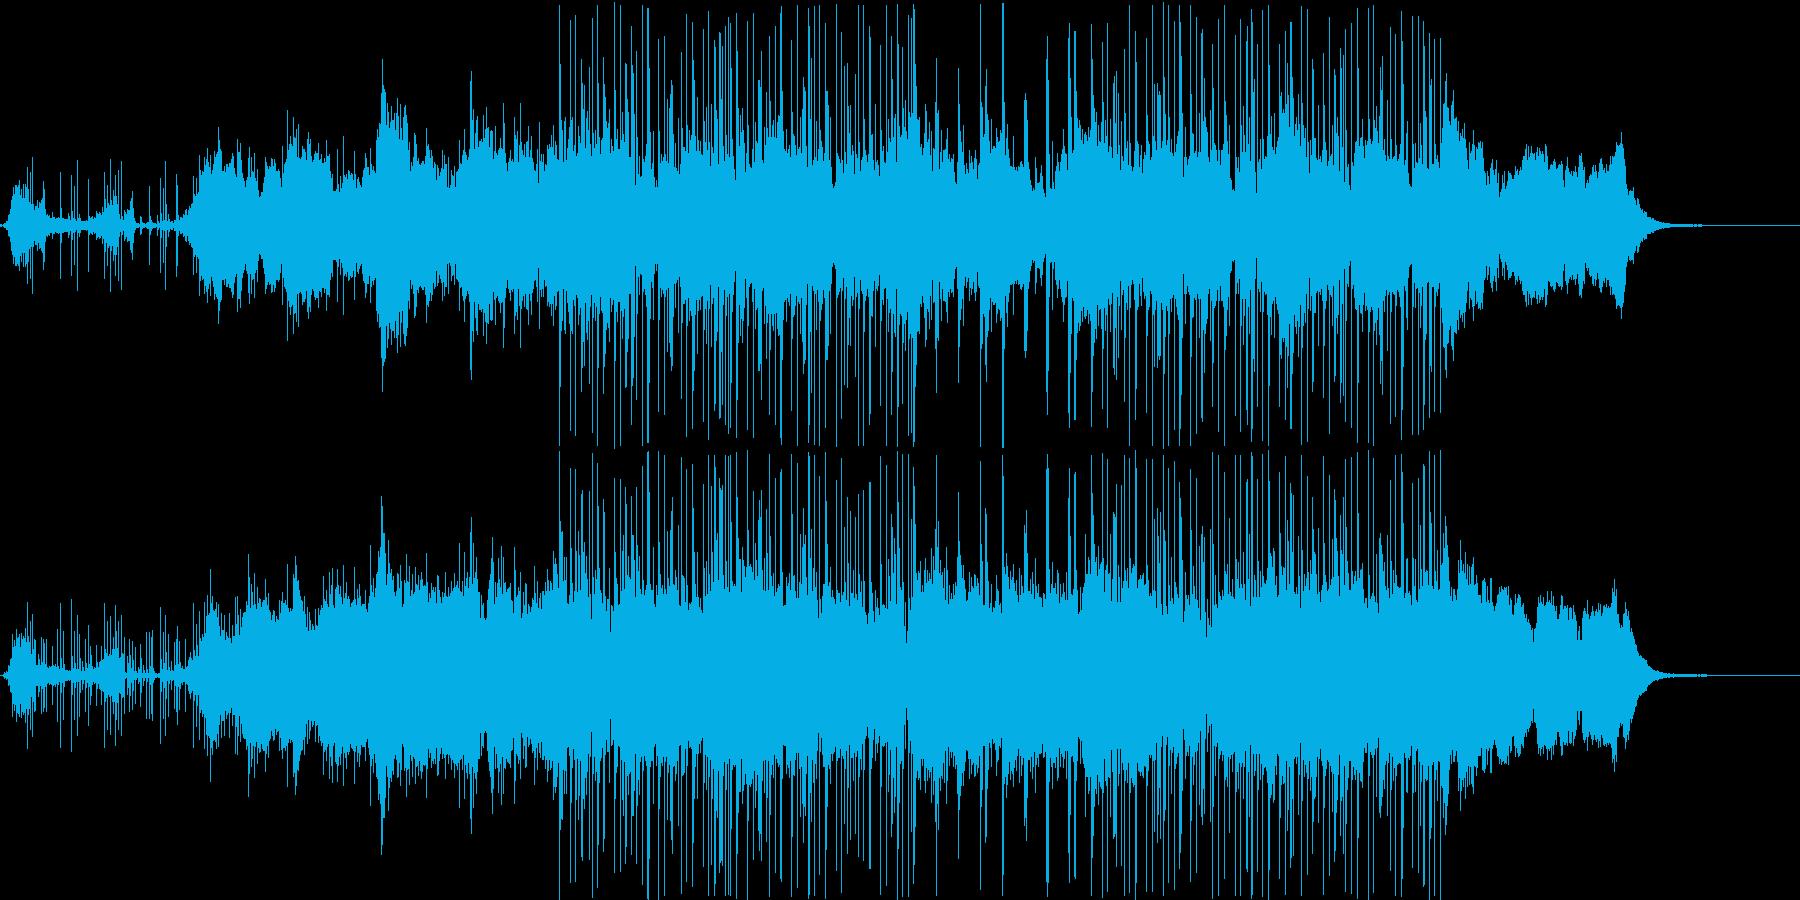 張り詰めた空気の静かな会話シーン v2の再生済みの波形